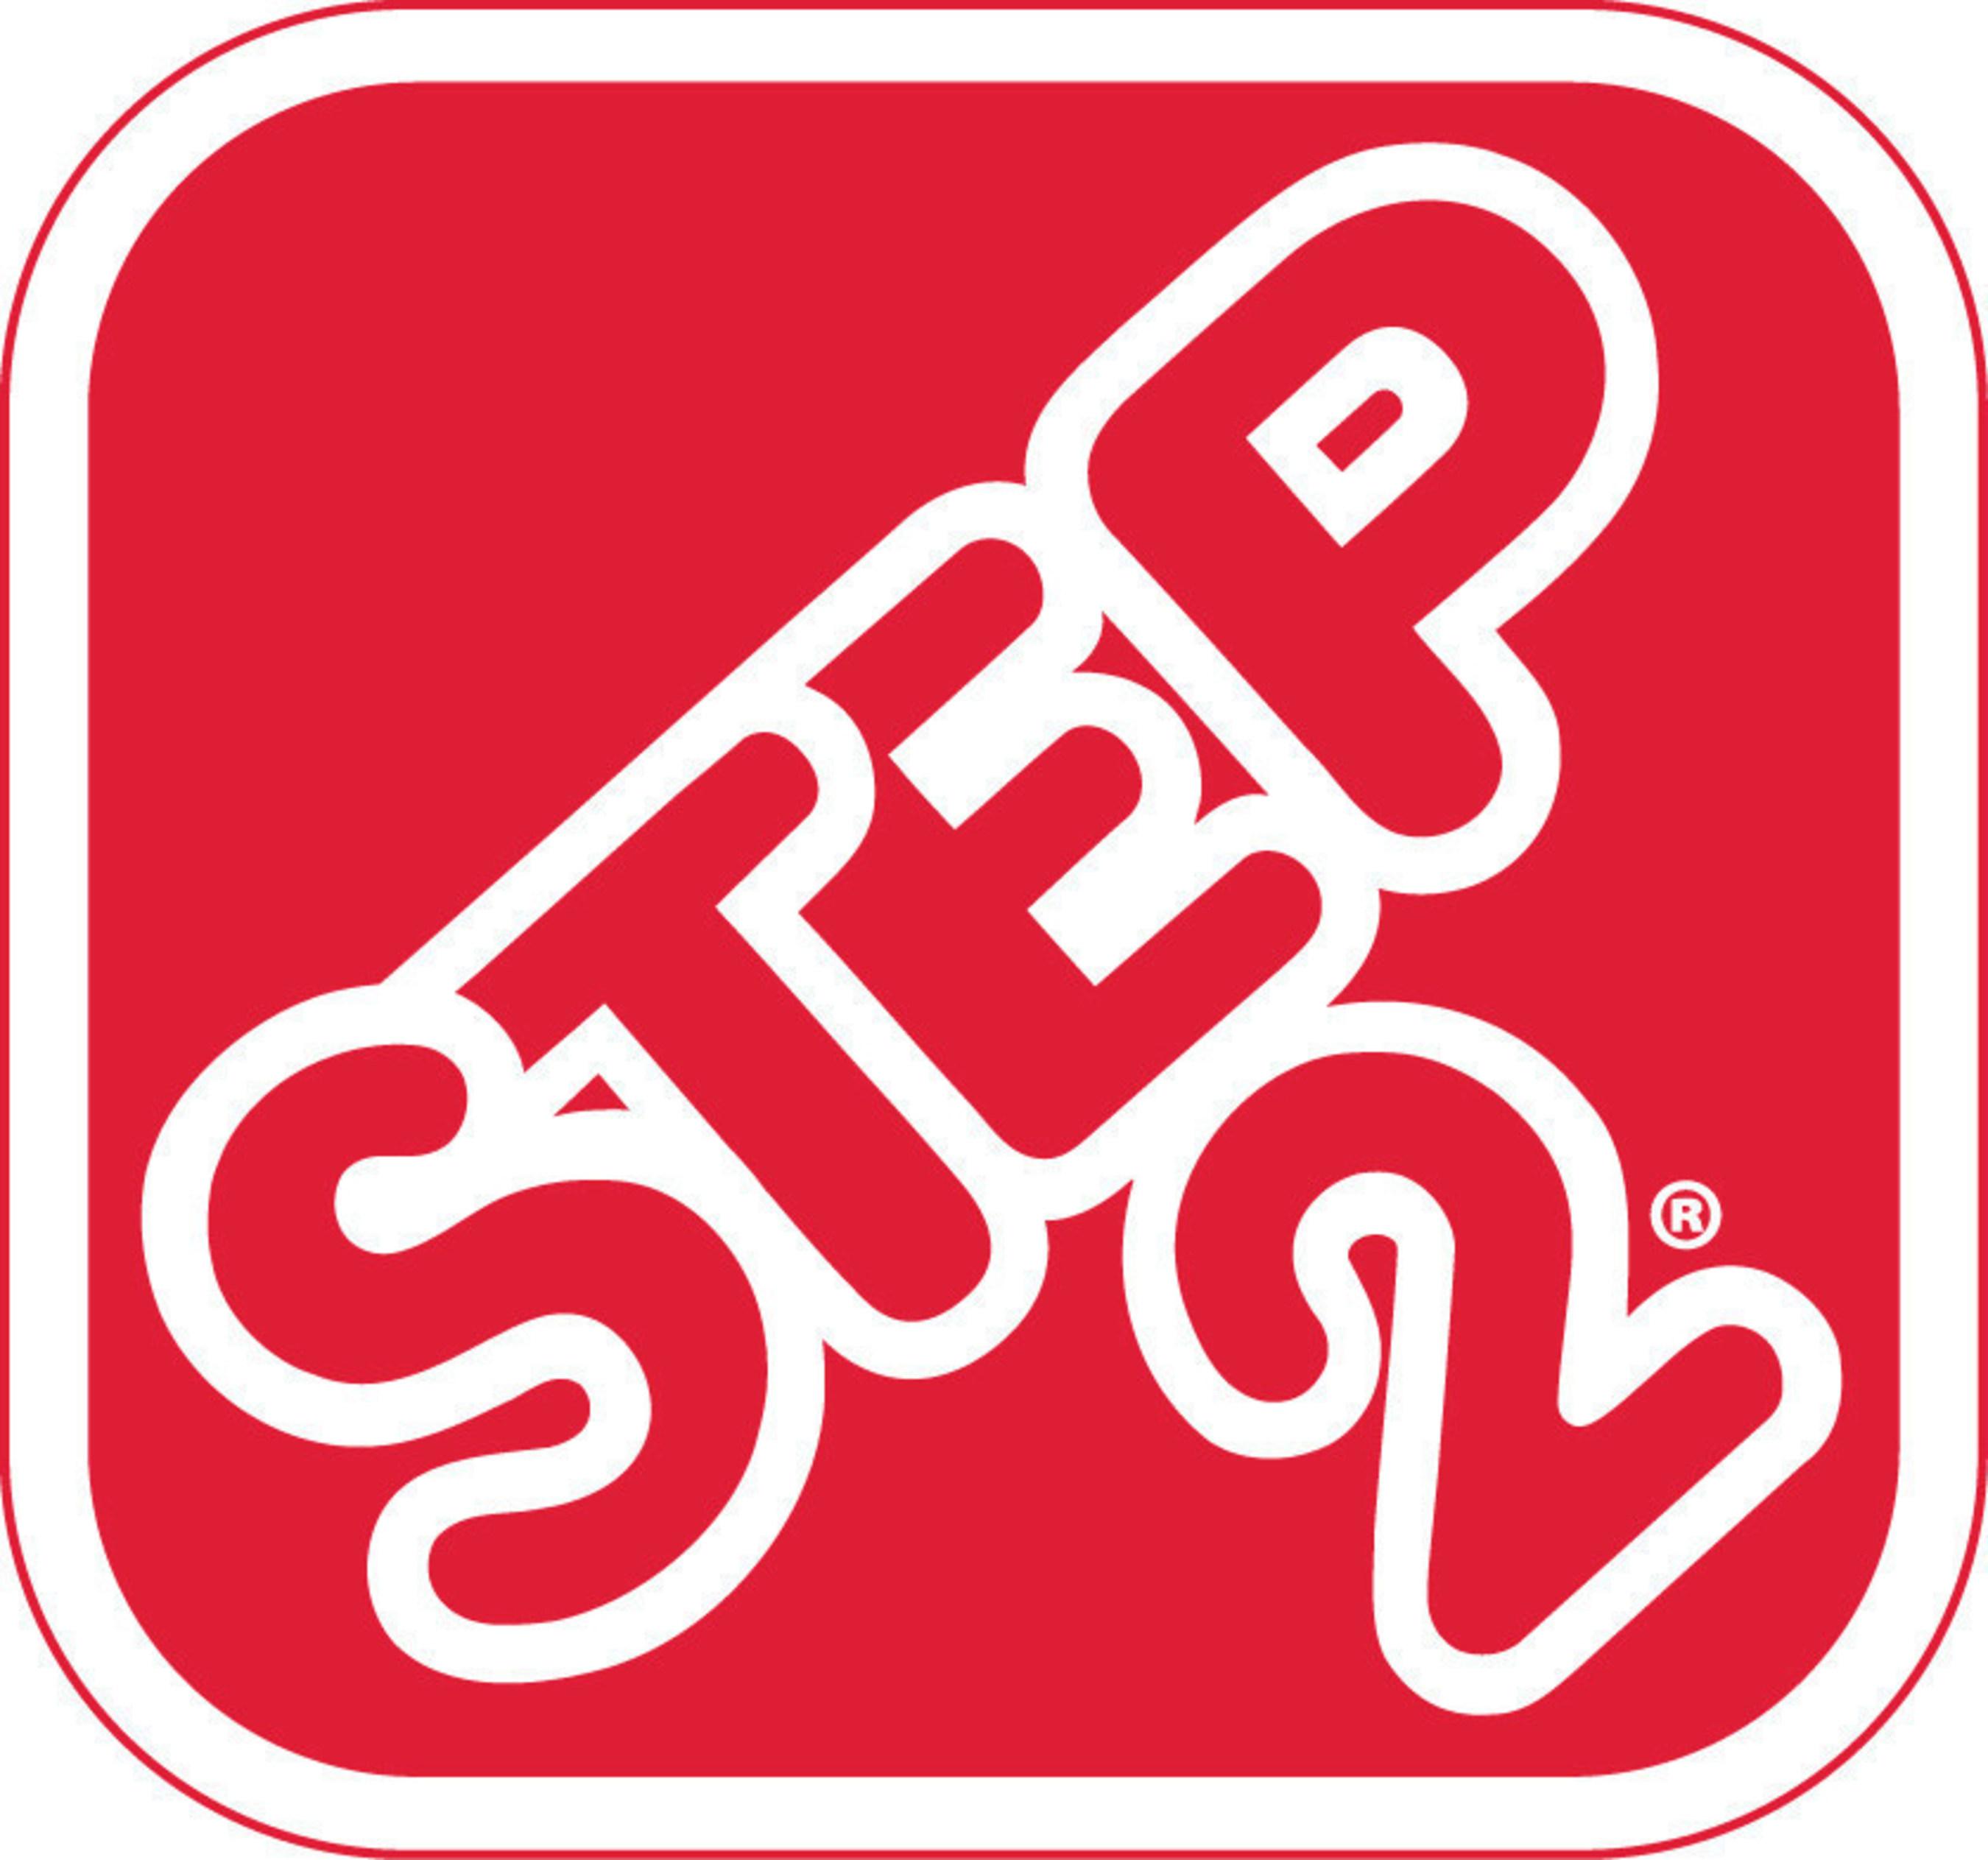 The Step2 Company, LLC